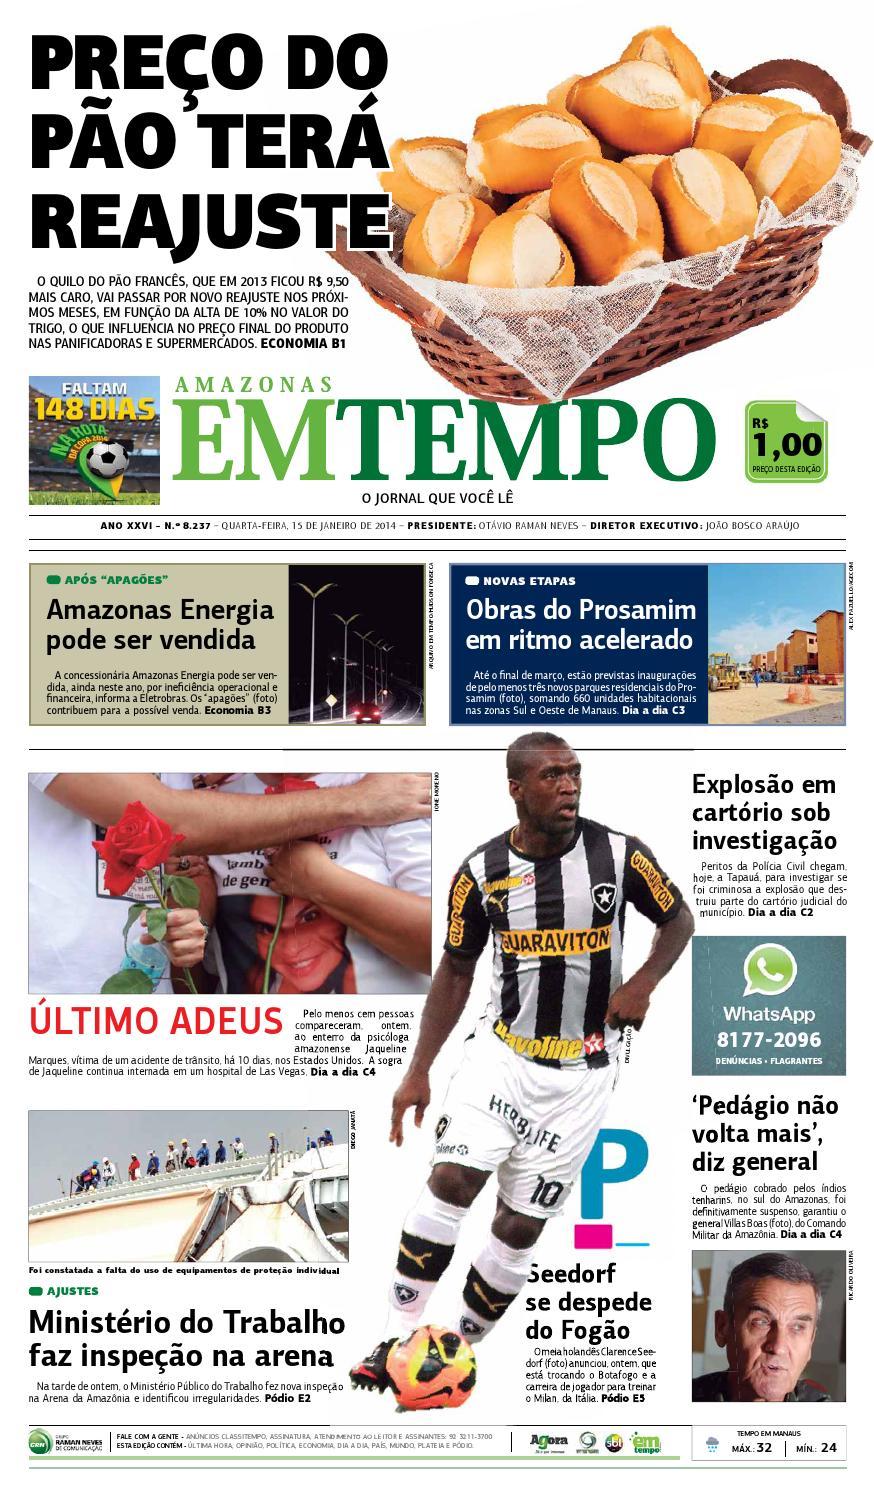 EM TEMPO - 15 de janeiro de 2014 by Amazonas Em Tempo - issuu 06bd15f295